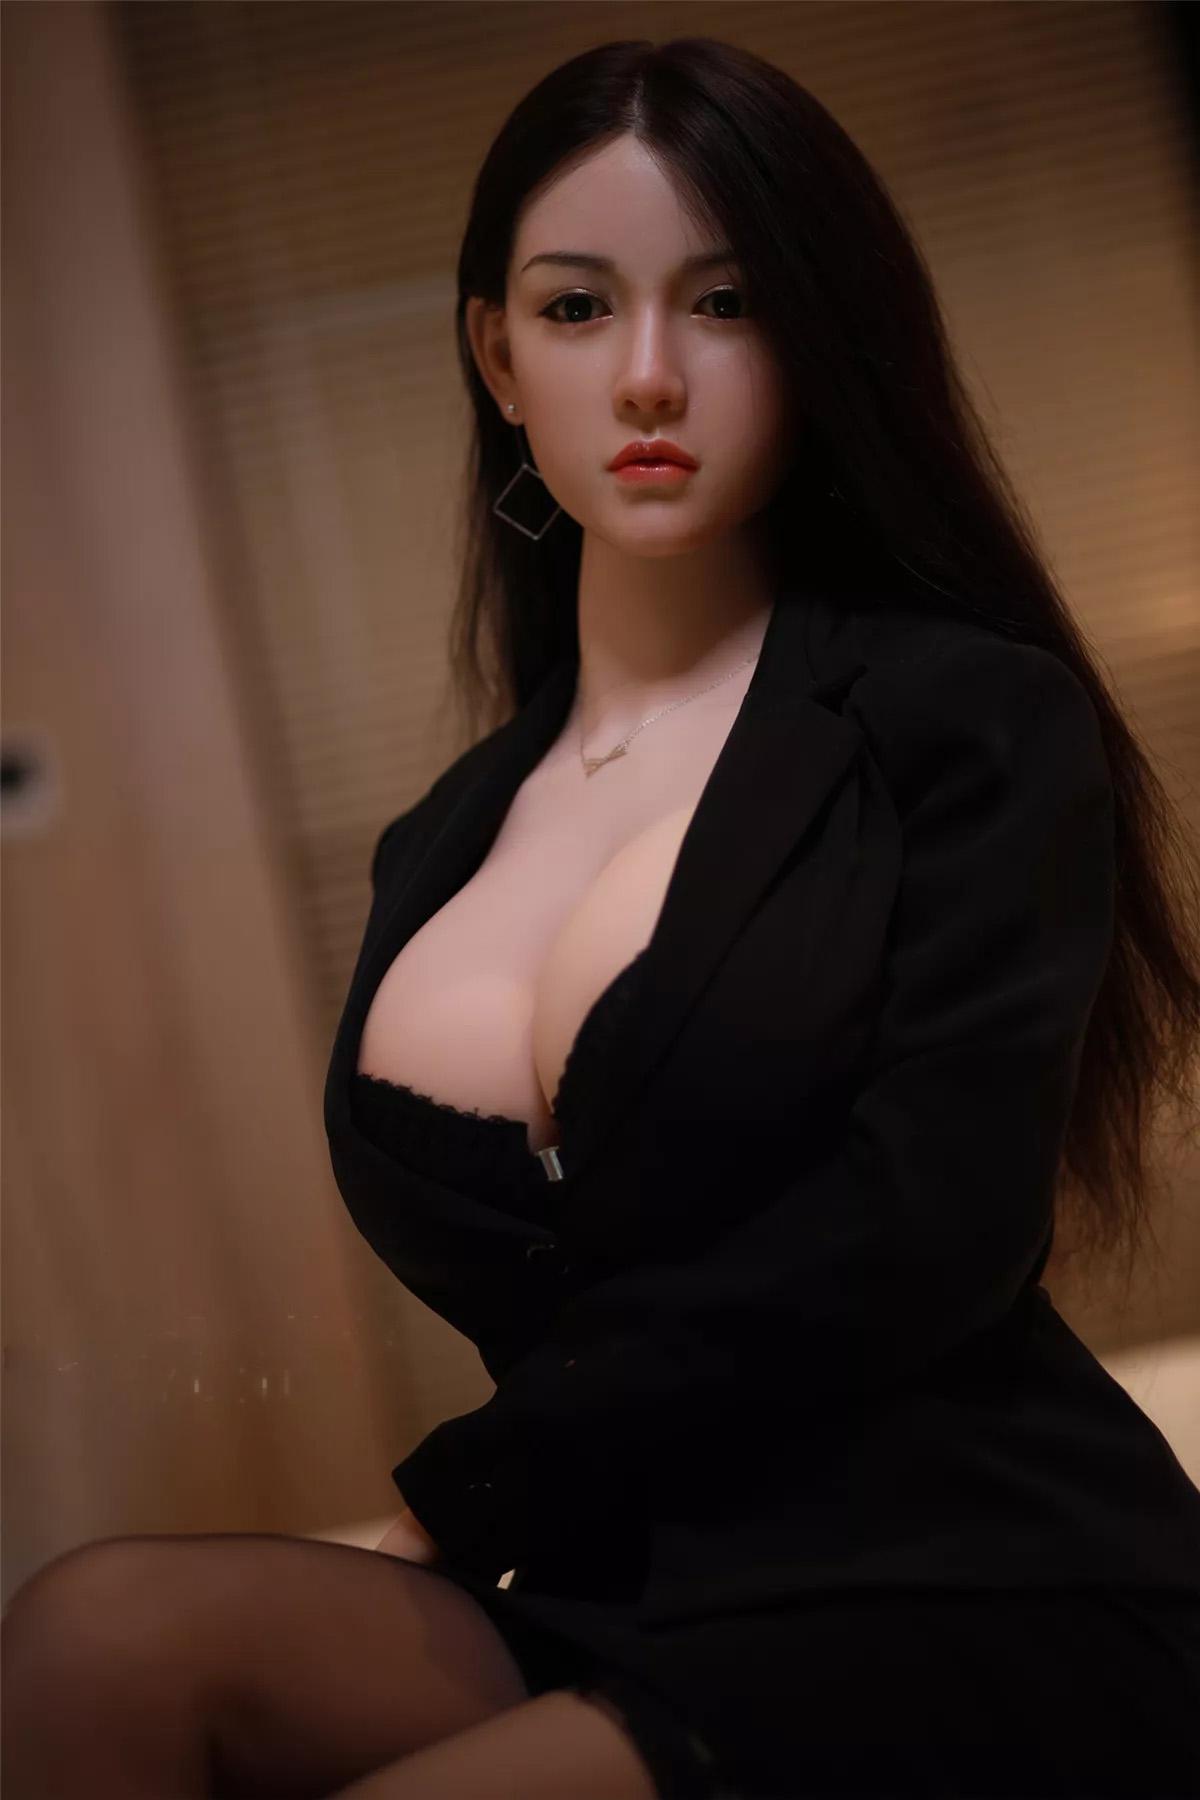 H1a4111c31a7640b7b5de454a9fac18a3N Muñecas sexuales de silicona Real para hombres adultos, Robot de amor de Anime japonés de 158cm, juguetes realistas de vida para hombres, con pecho grande y completo, Vagina y atractiva